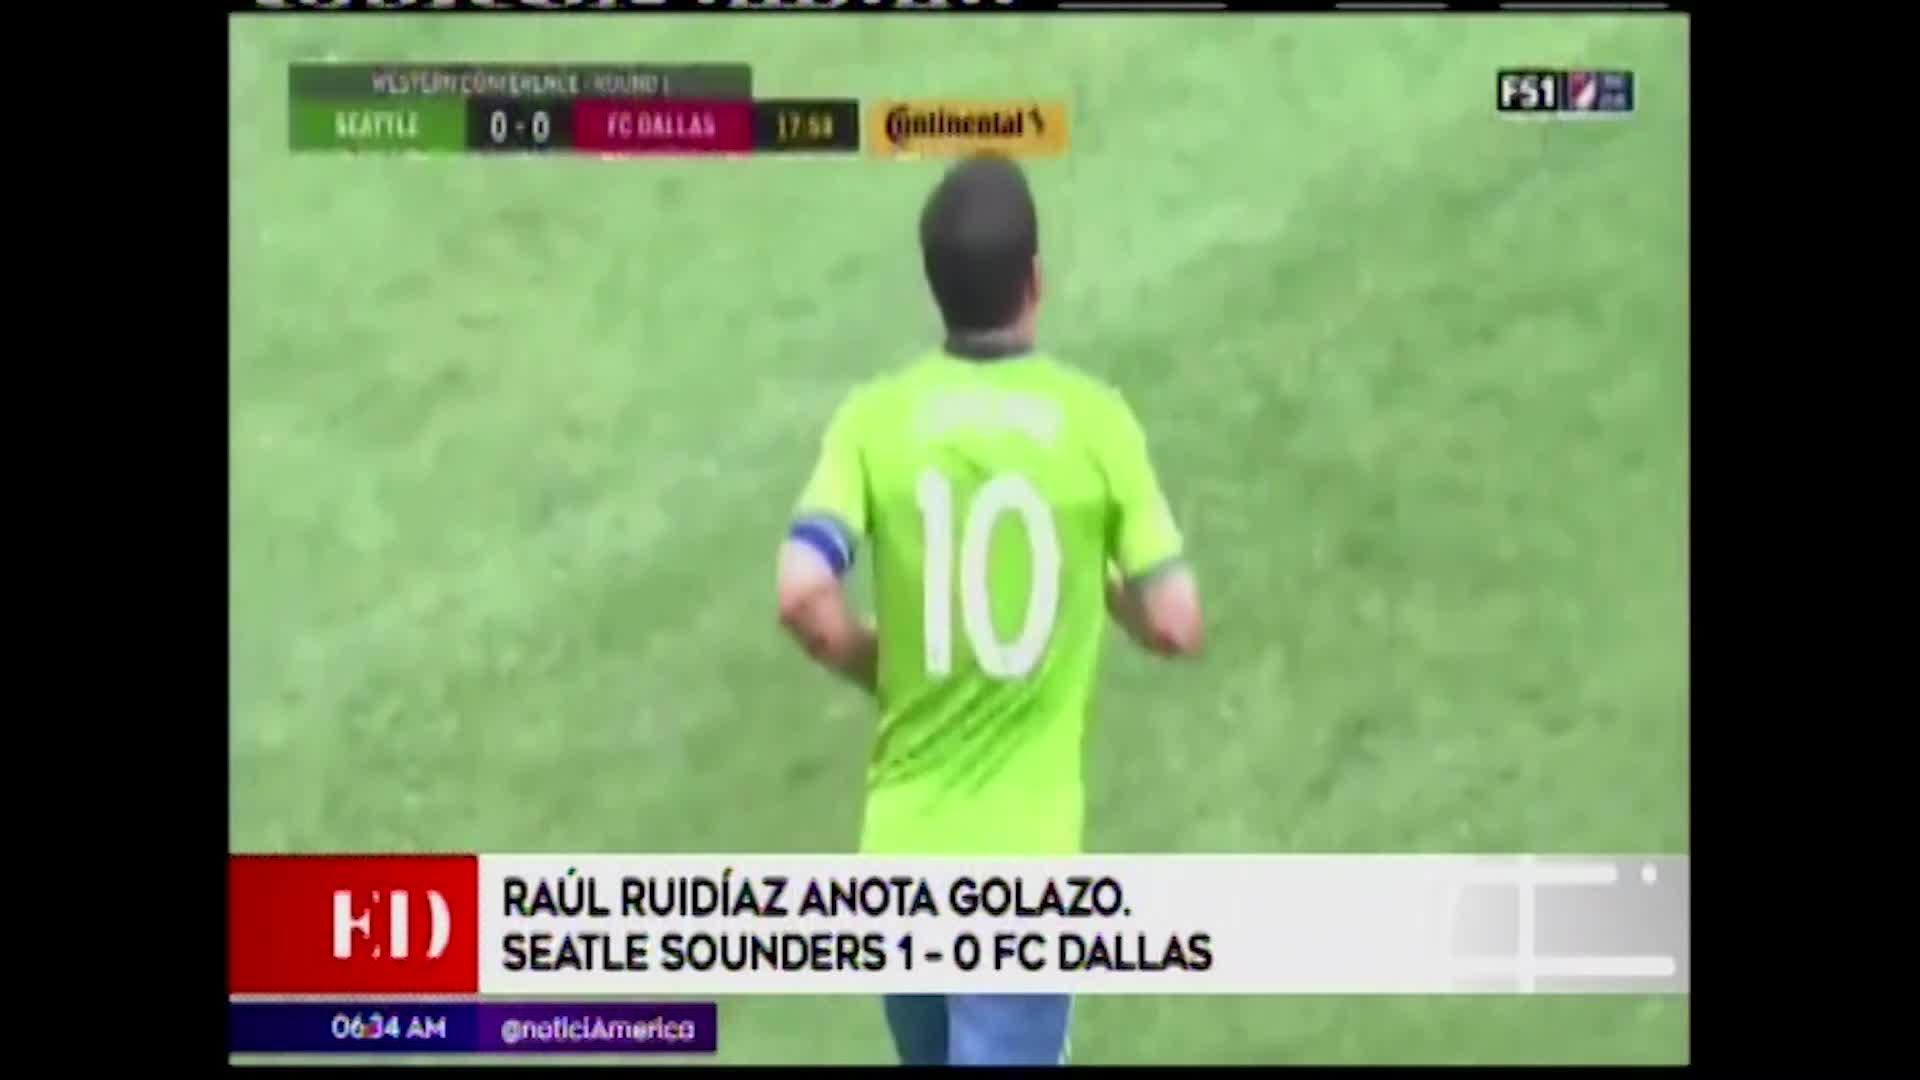 Raúl Ruidiaz anotó un golazo en la victoria de su equipo